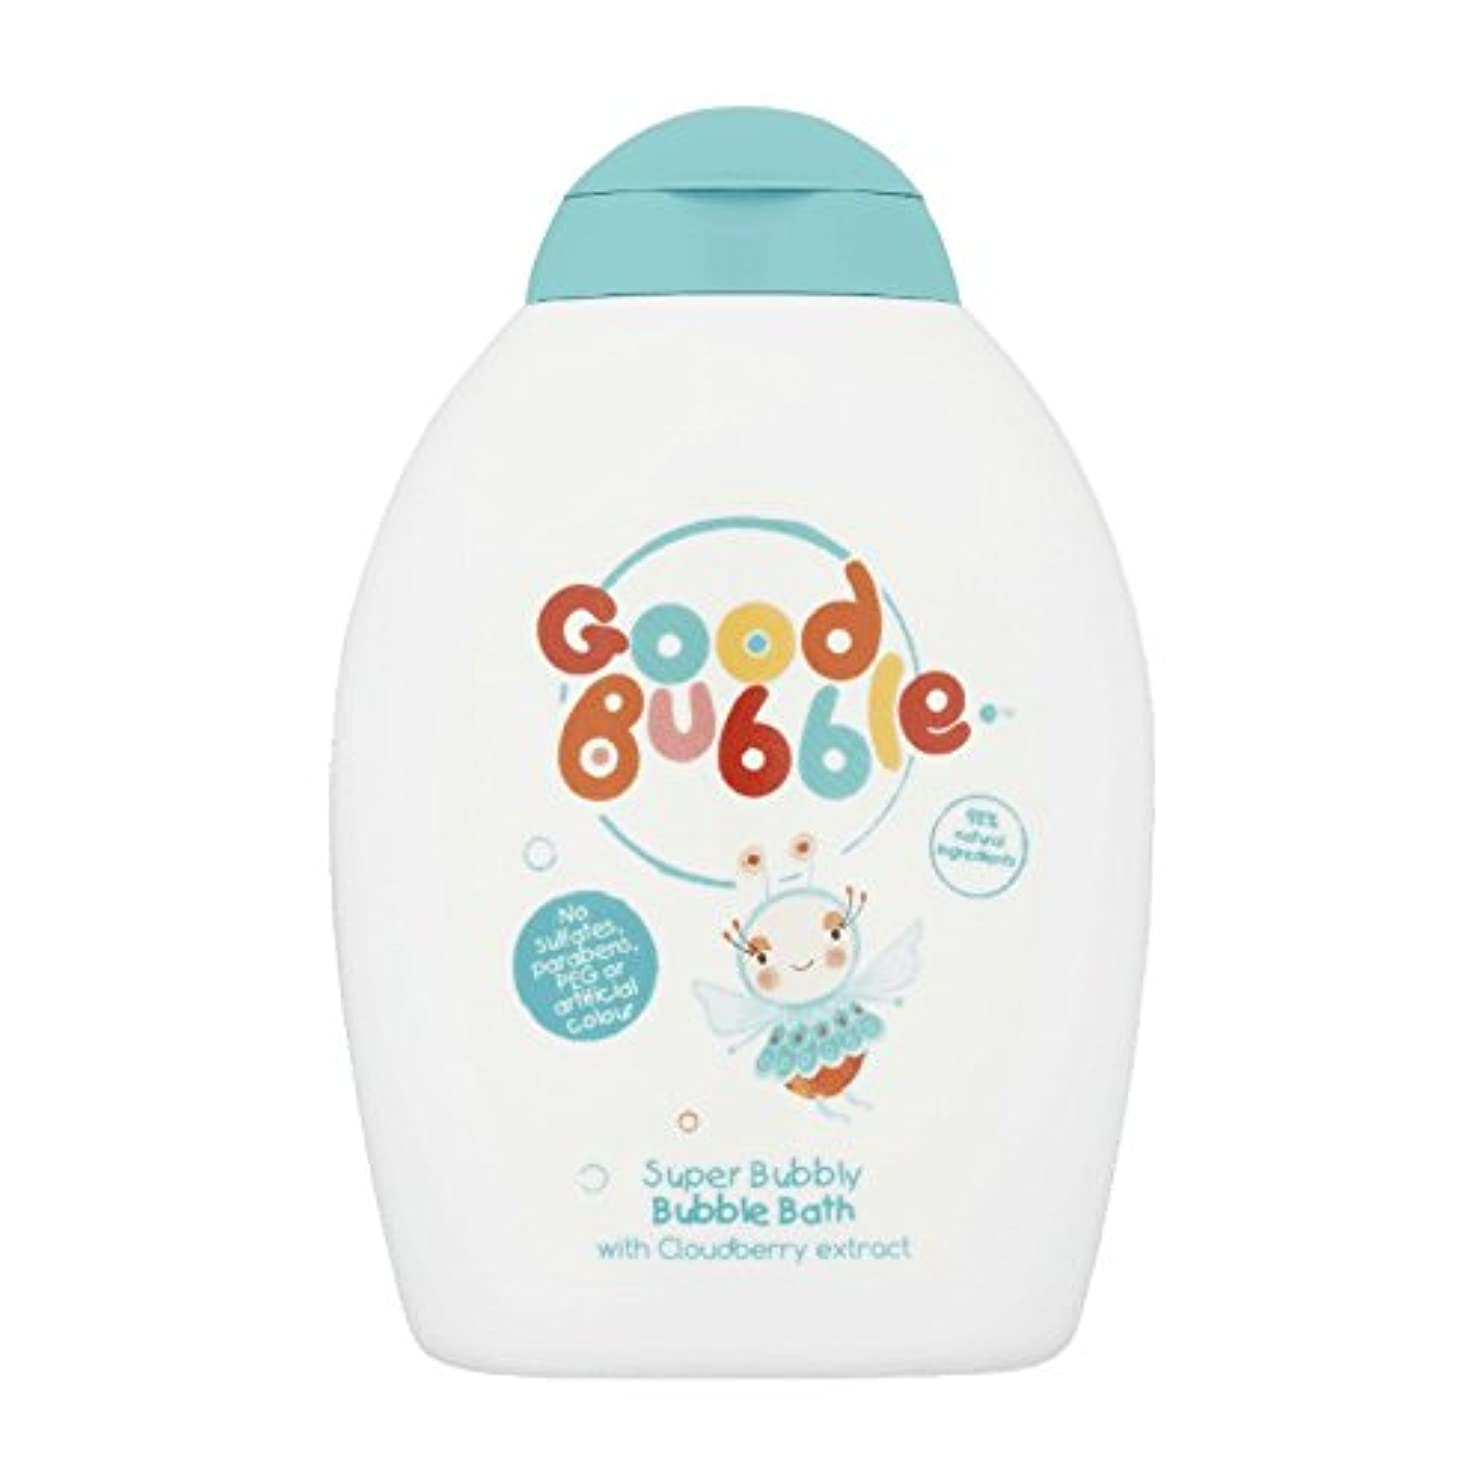 検出するハイライト成功Good Bubble Cloudberry Bubble Bath 400ml (Pack of 2) - 良いバブルクラウドベリーバブルバス400ミリリットル (x2) [並行輸入品]